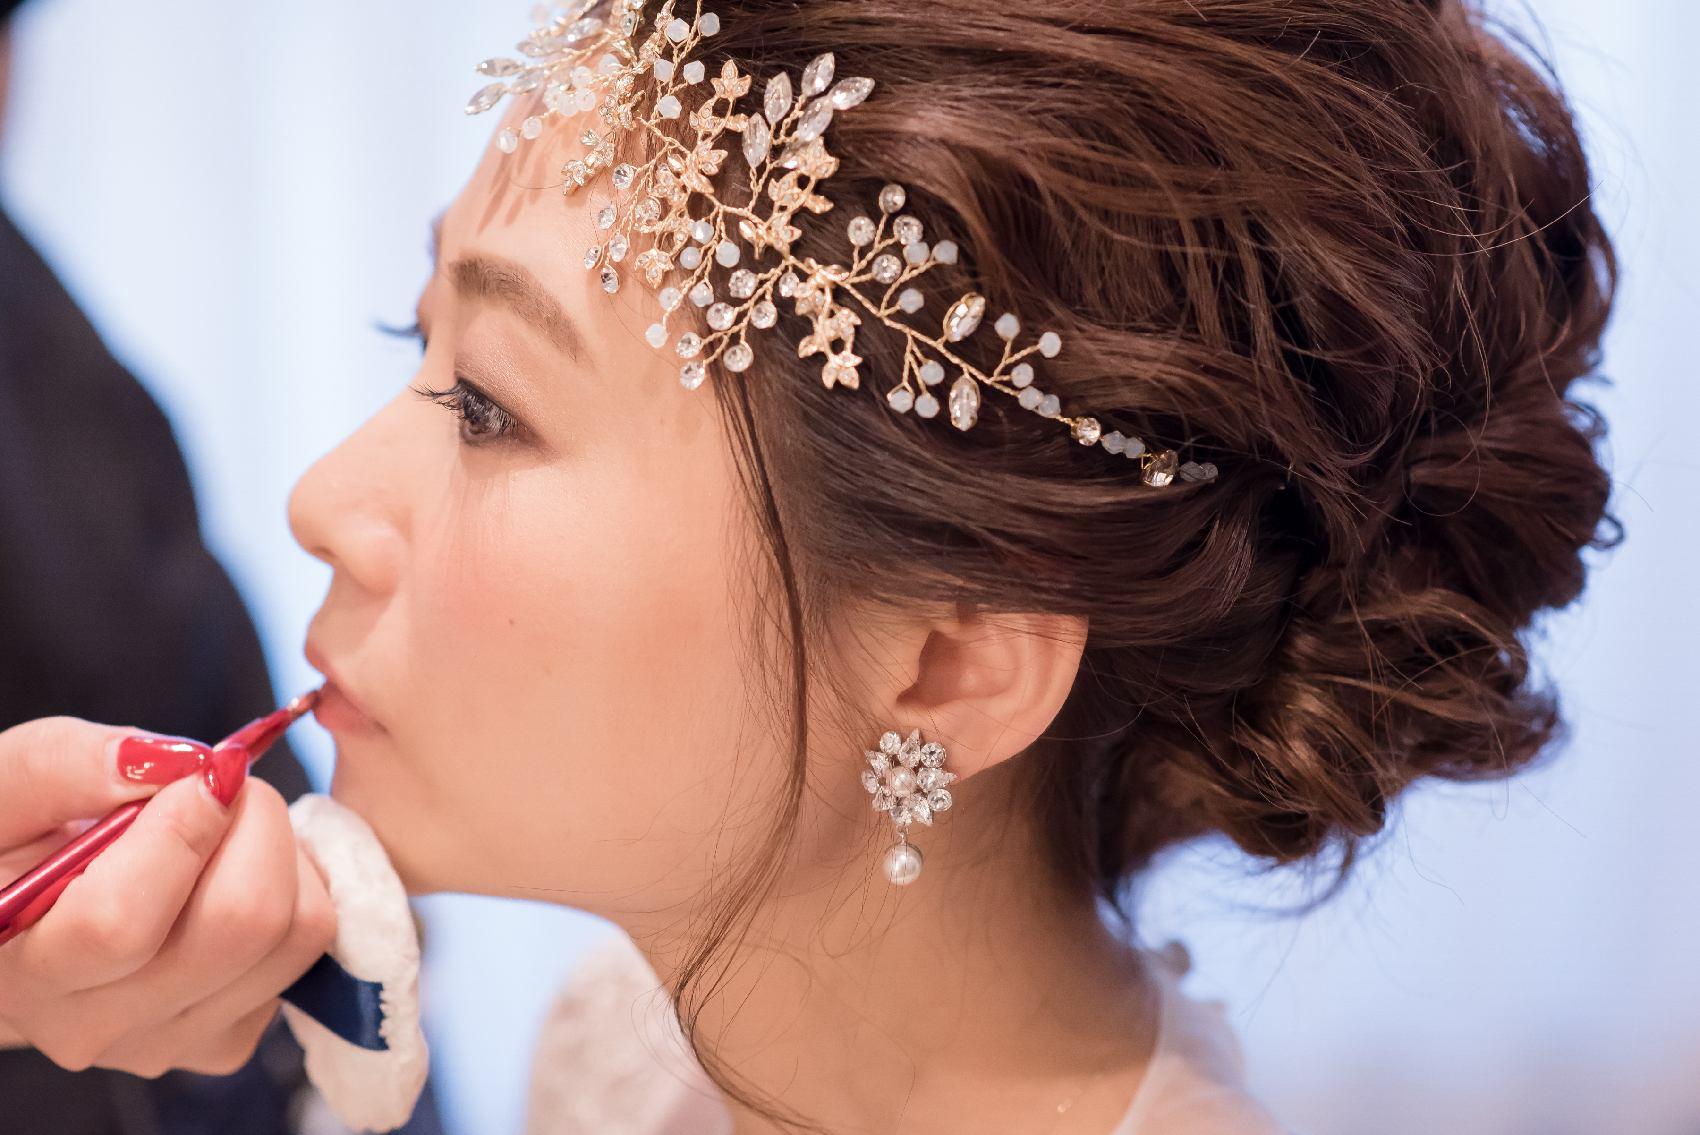 香川県高松市の結婚式場アナザースタイルの結婚式のメイク支度